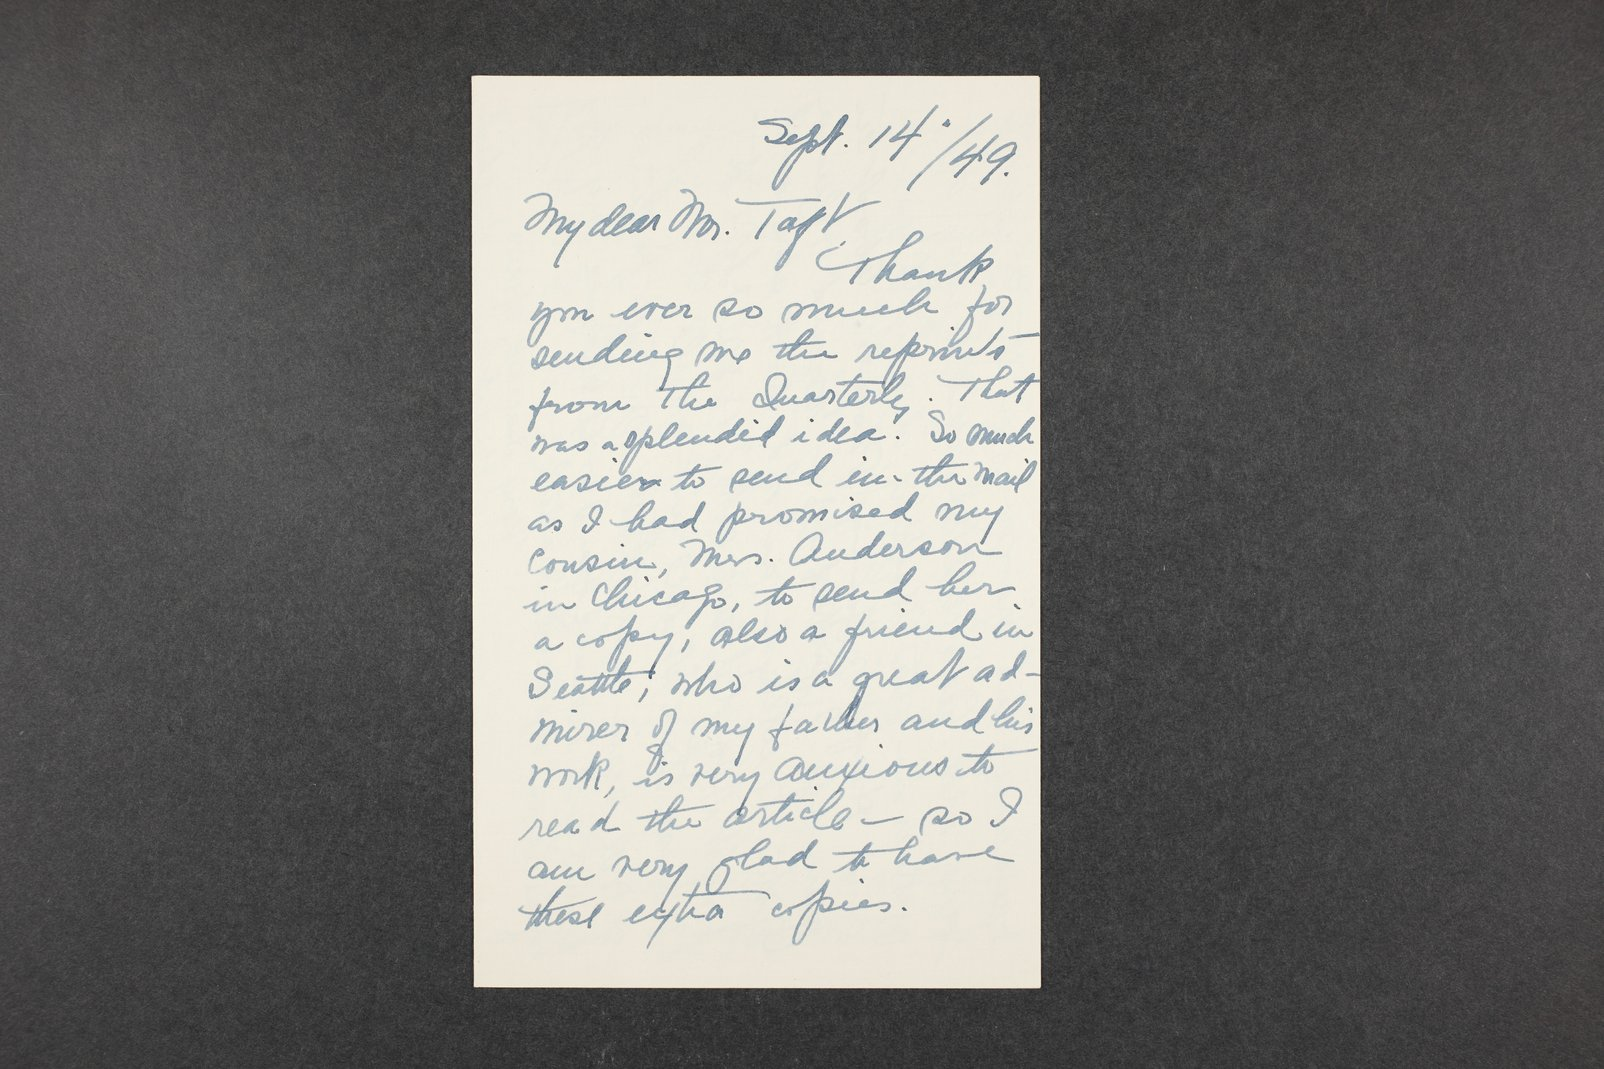 Robert Taft correspondence related to frontier artists, Catlin - Deming - 10